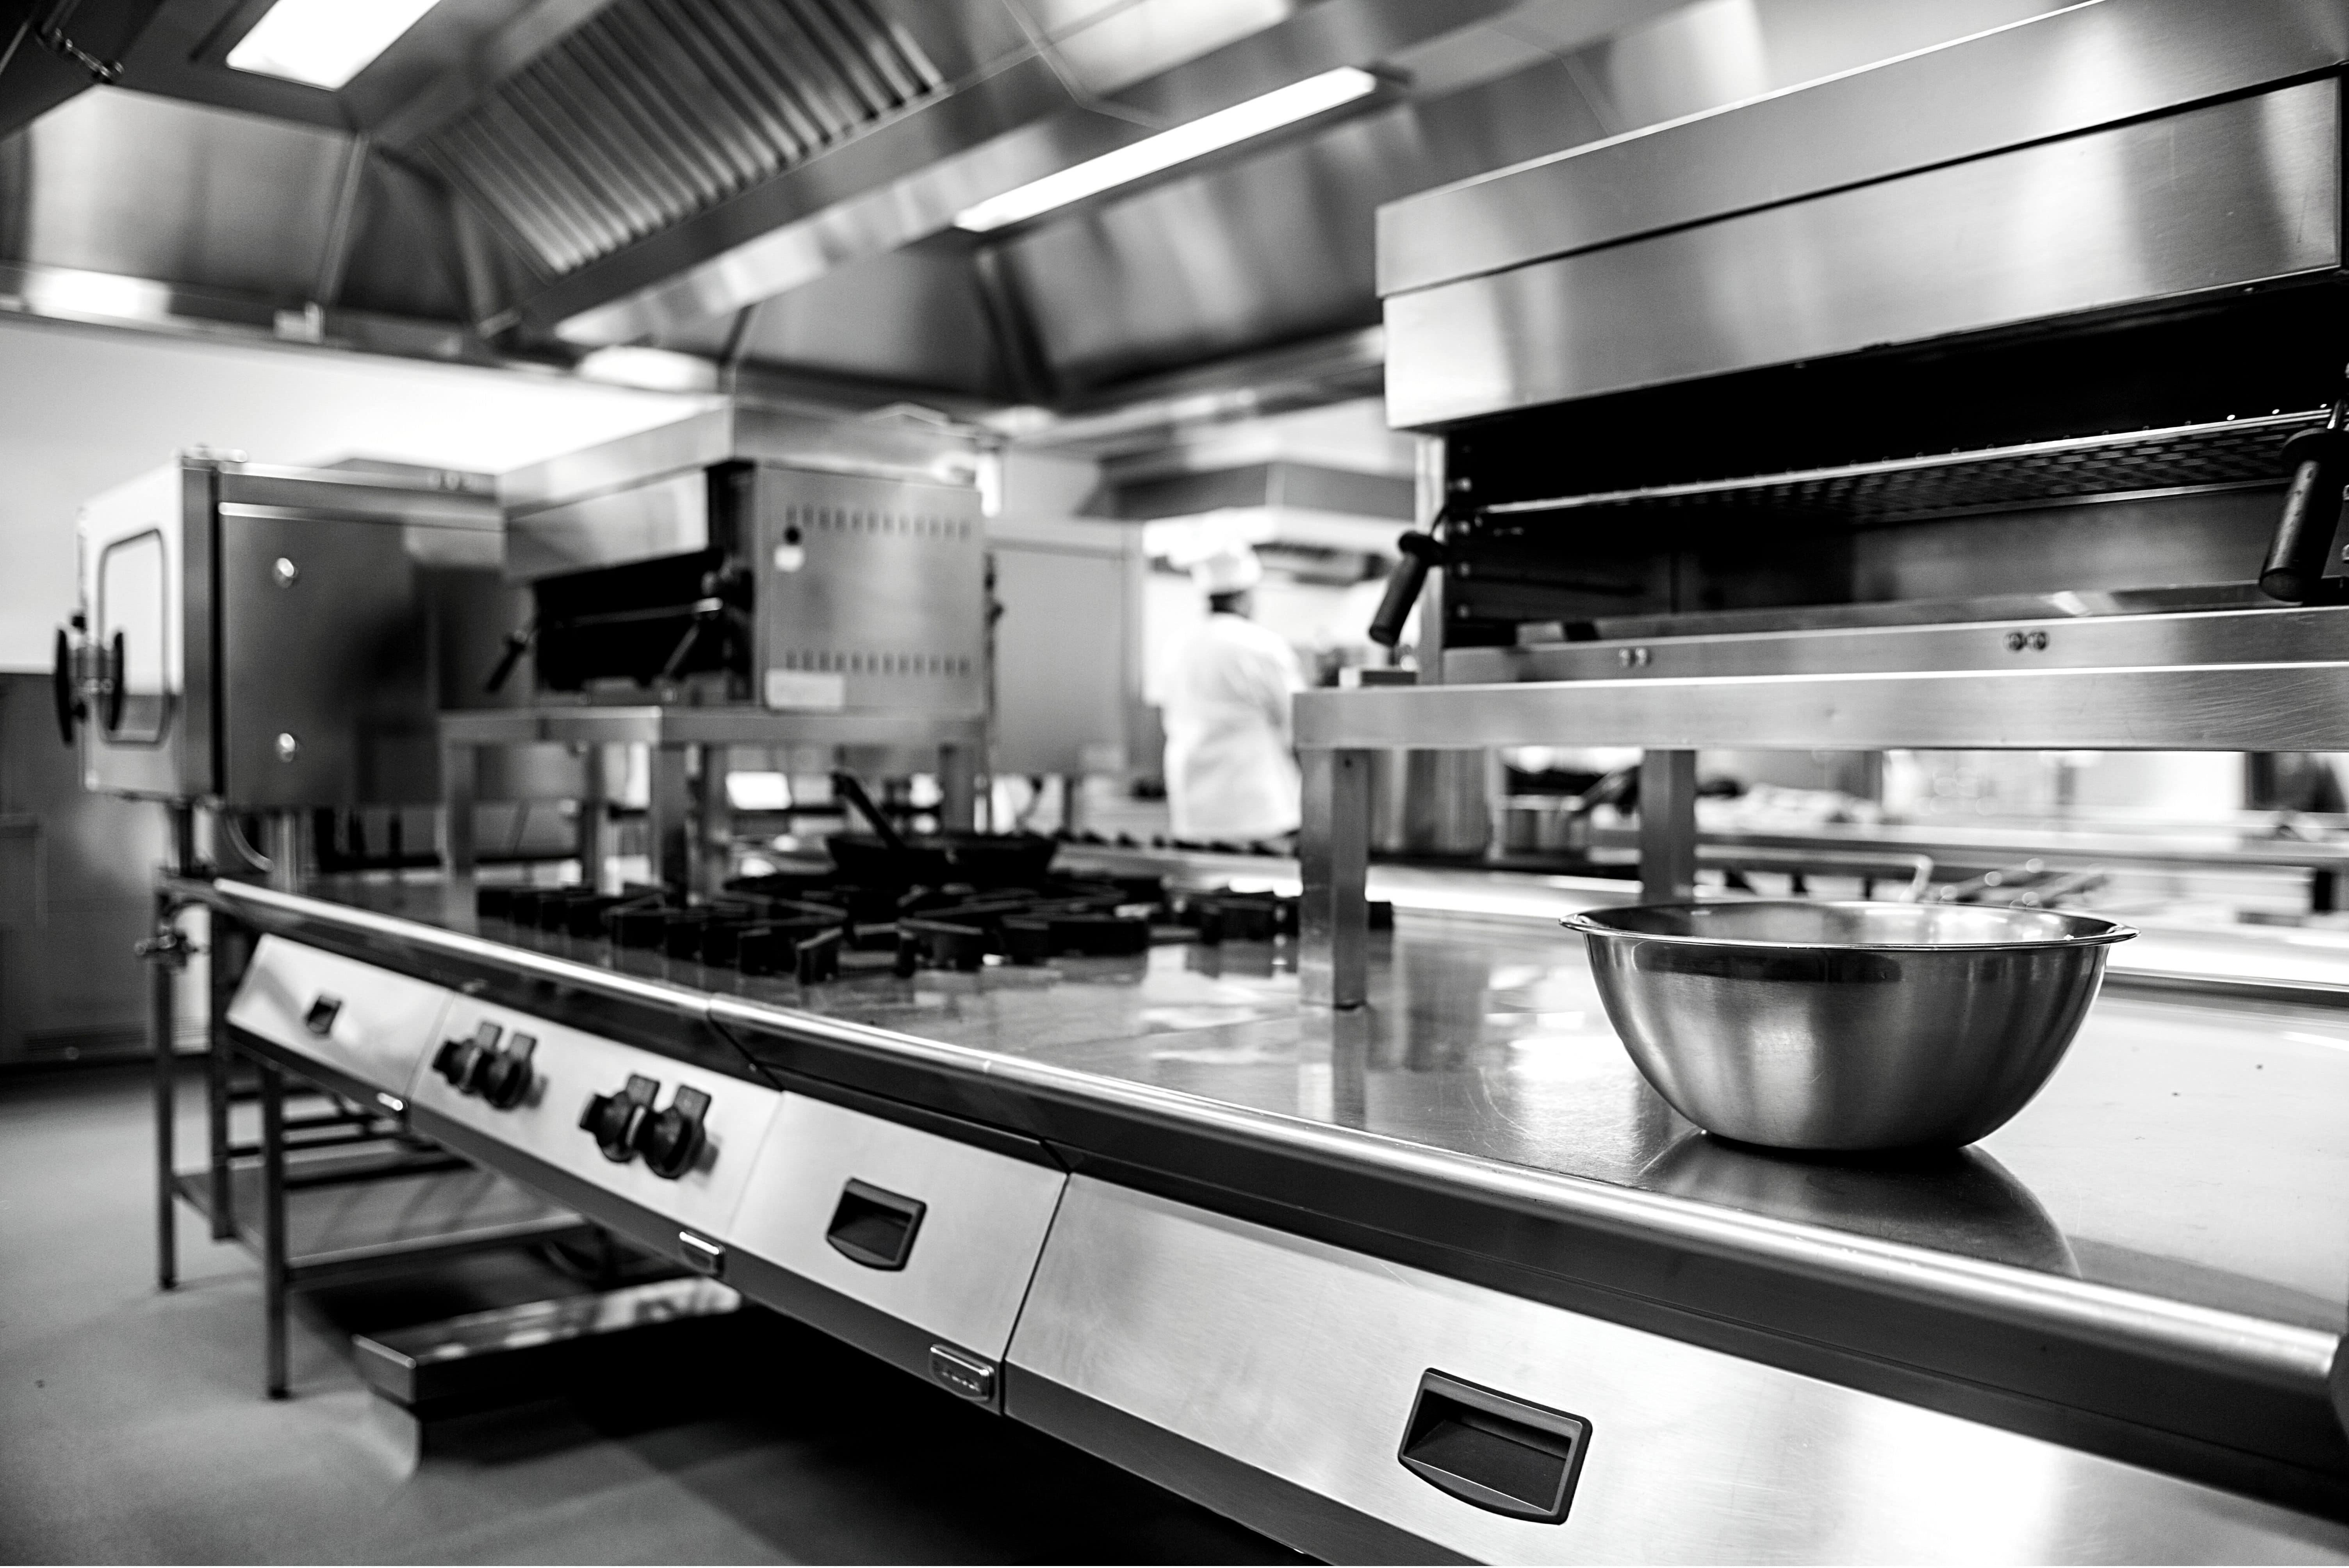 Interior of Restaurant Kitchen